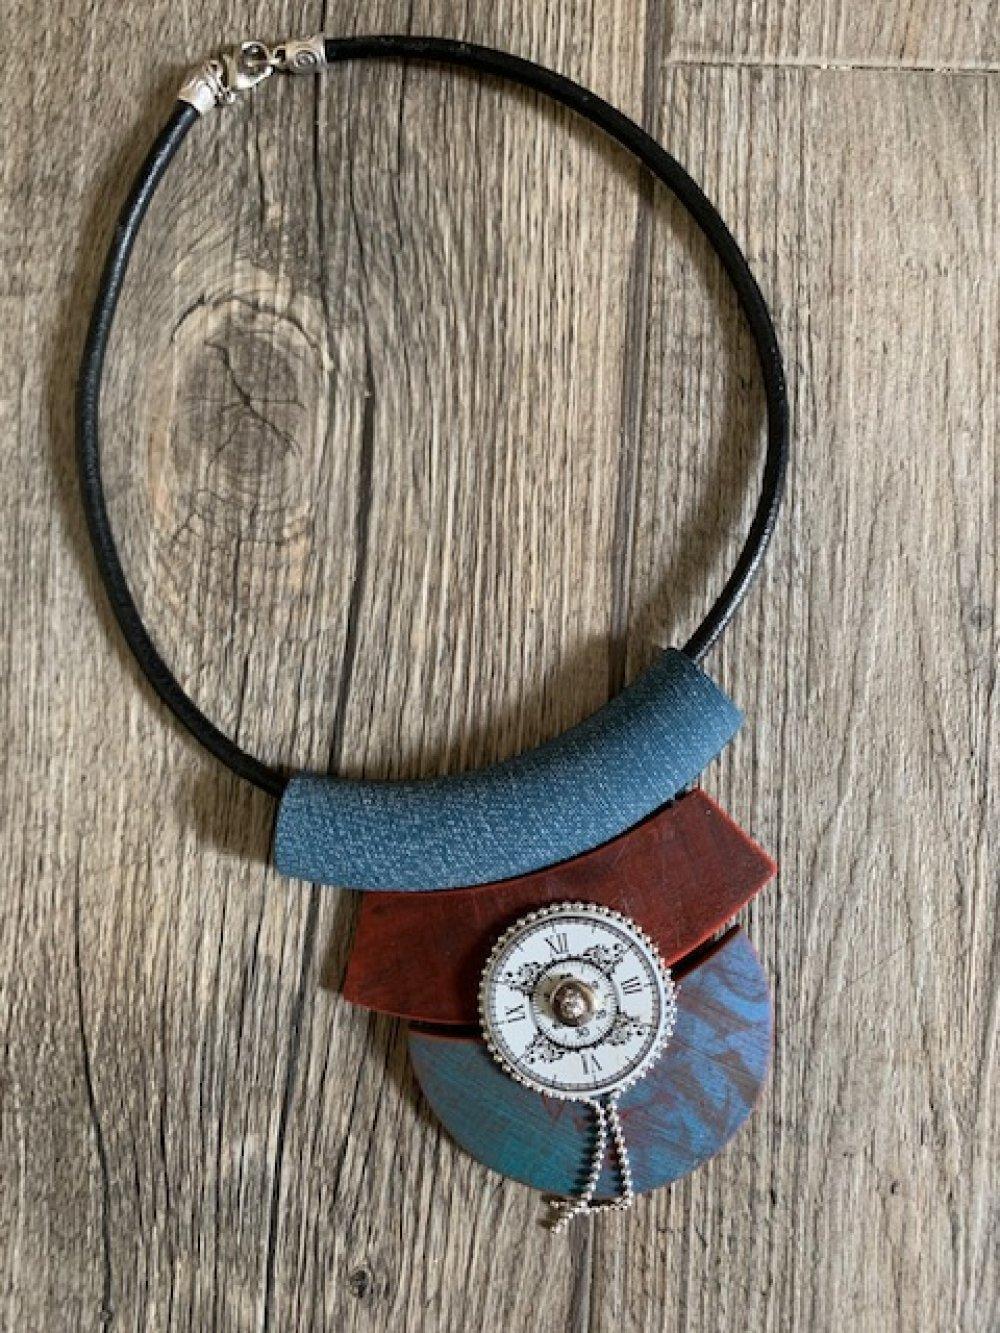 Collier ras de cou avec pendentif effet bois usé